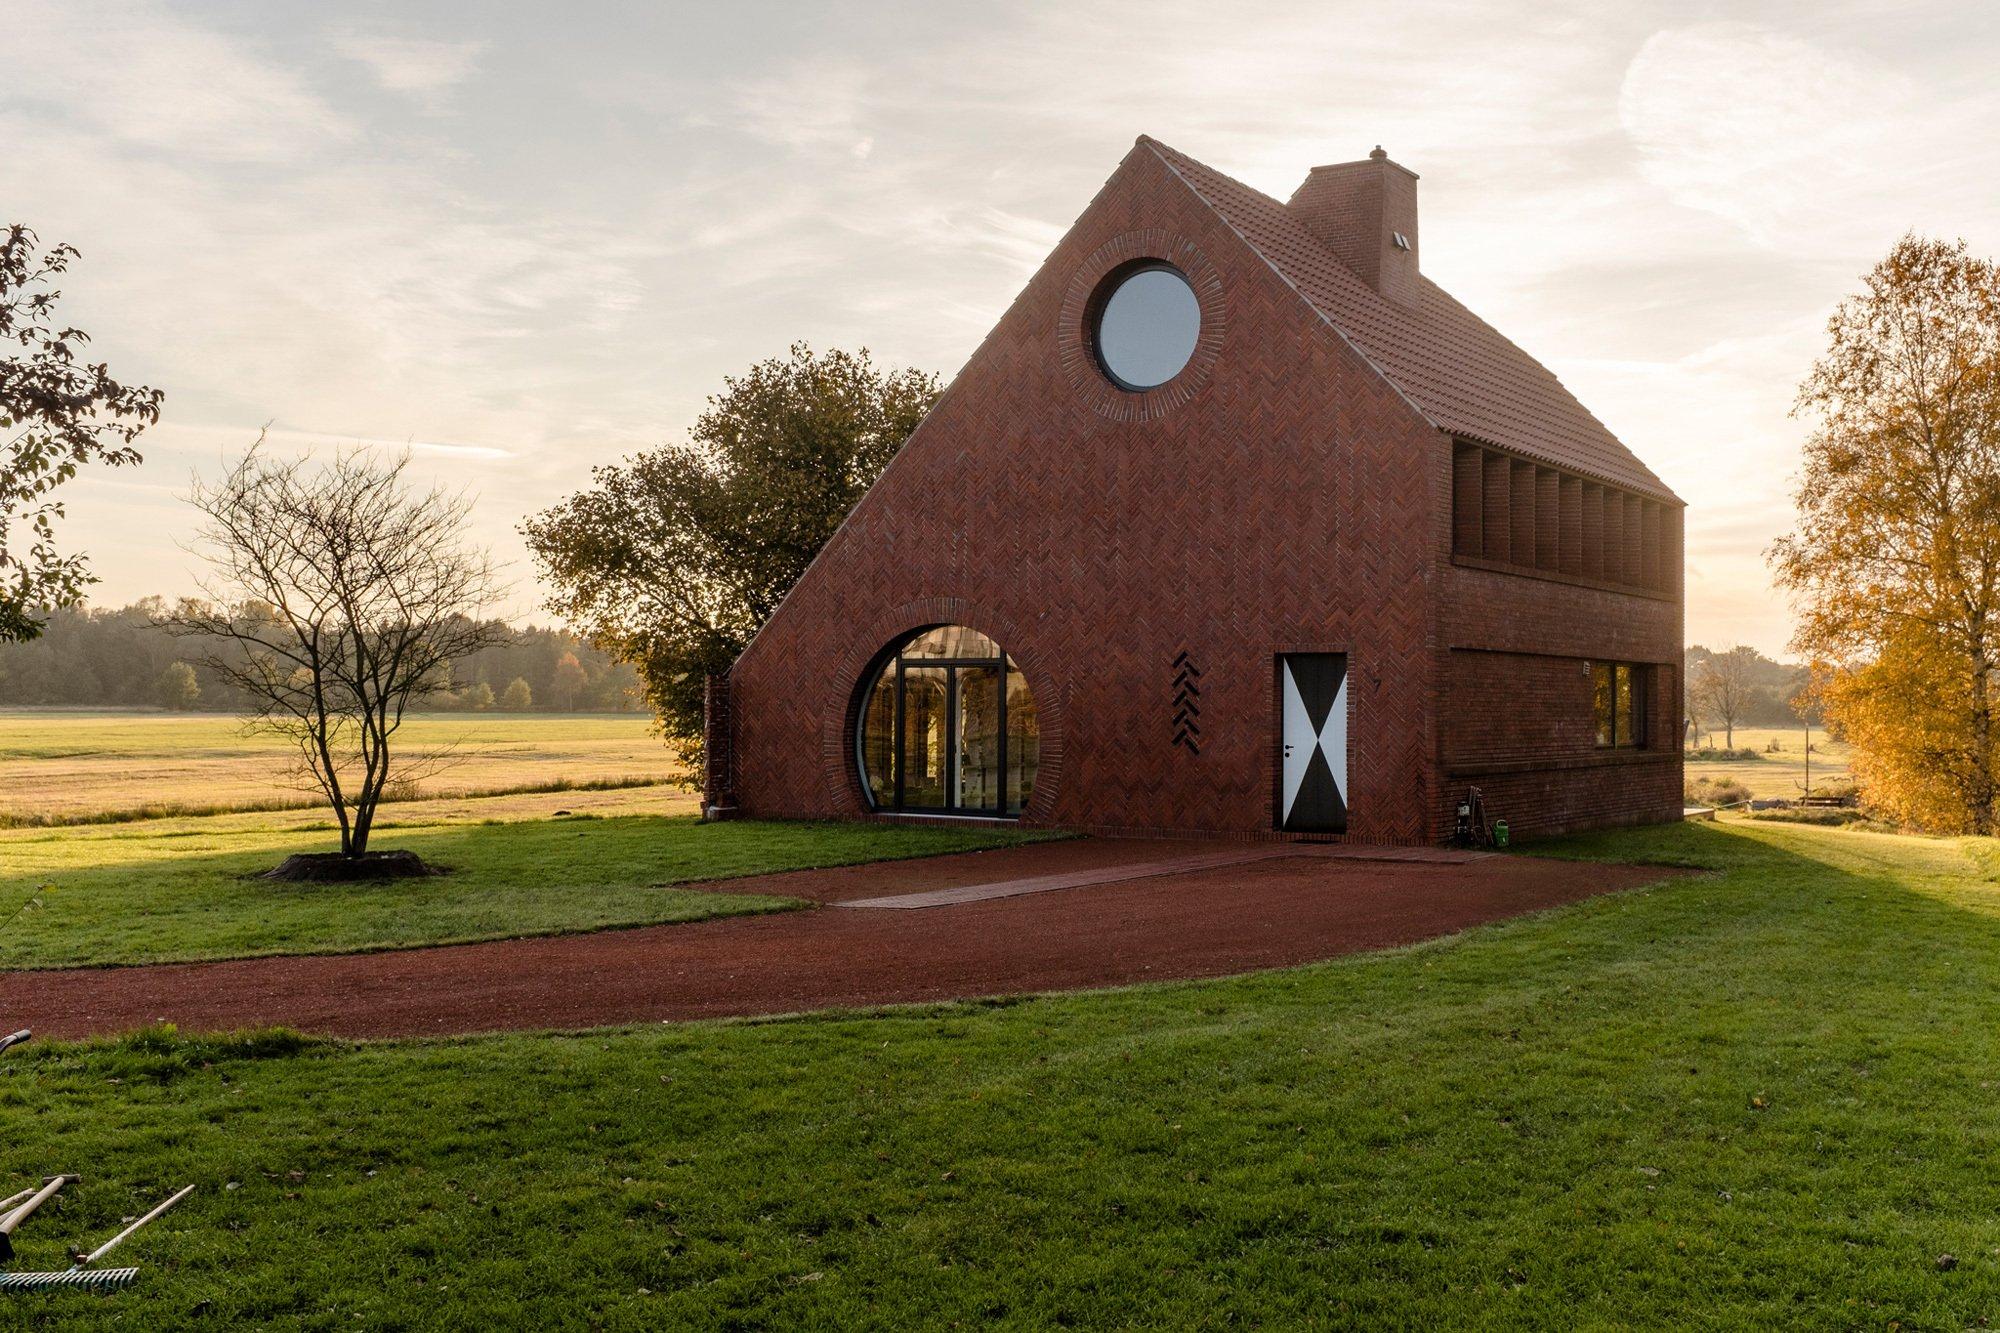 Am Deich, Ostfriesland, Foto: J. Steenblock